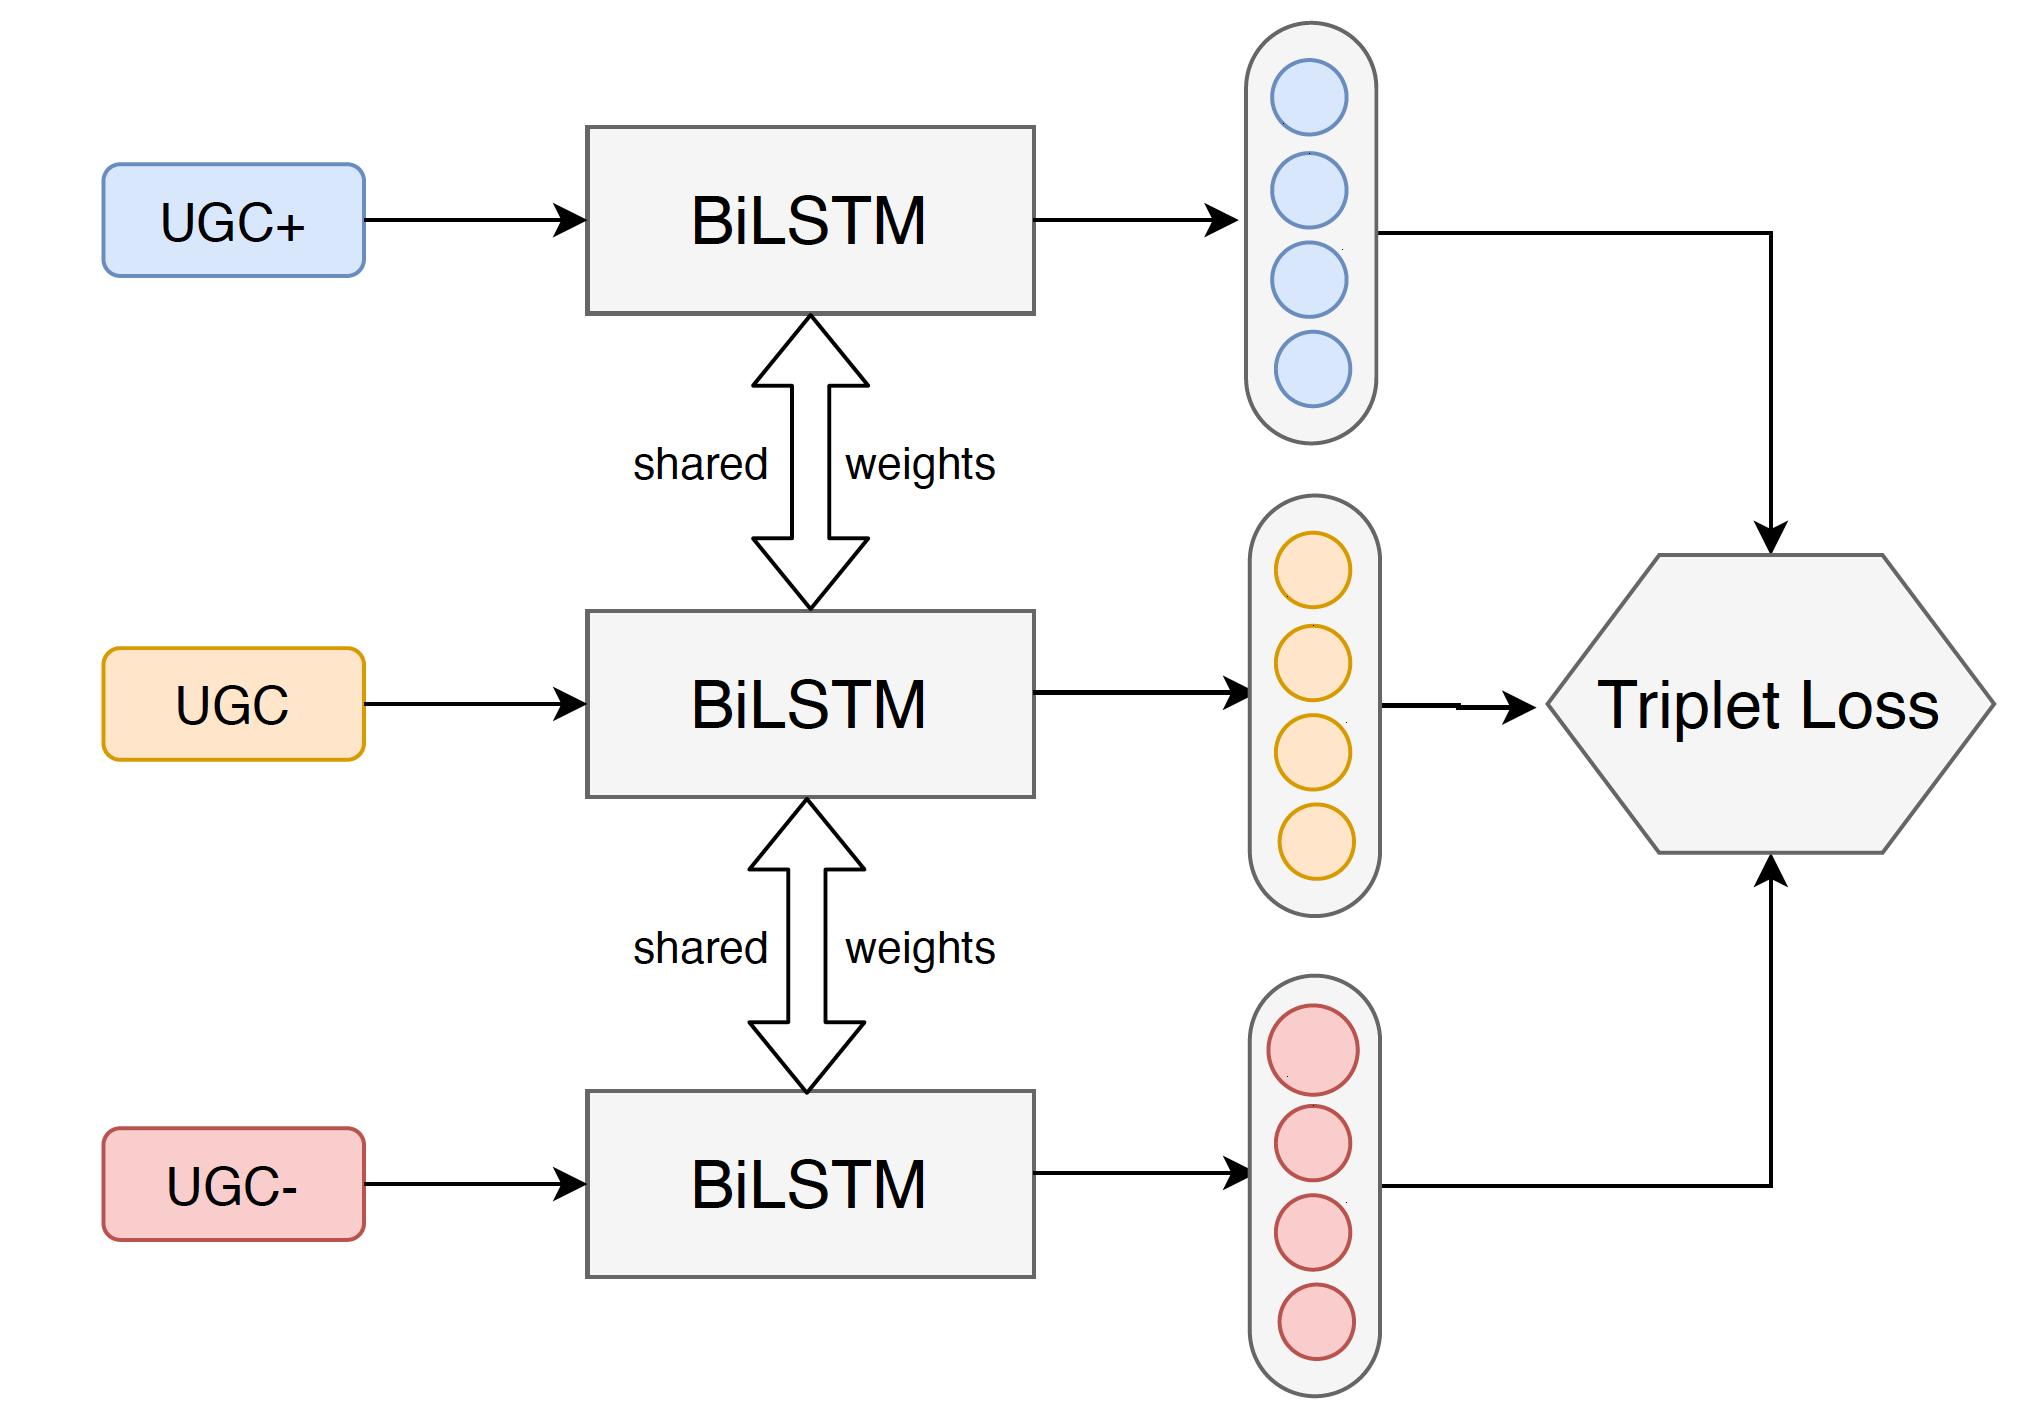 图15 概念承接关系挖掘的Triplet Network